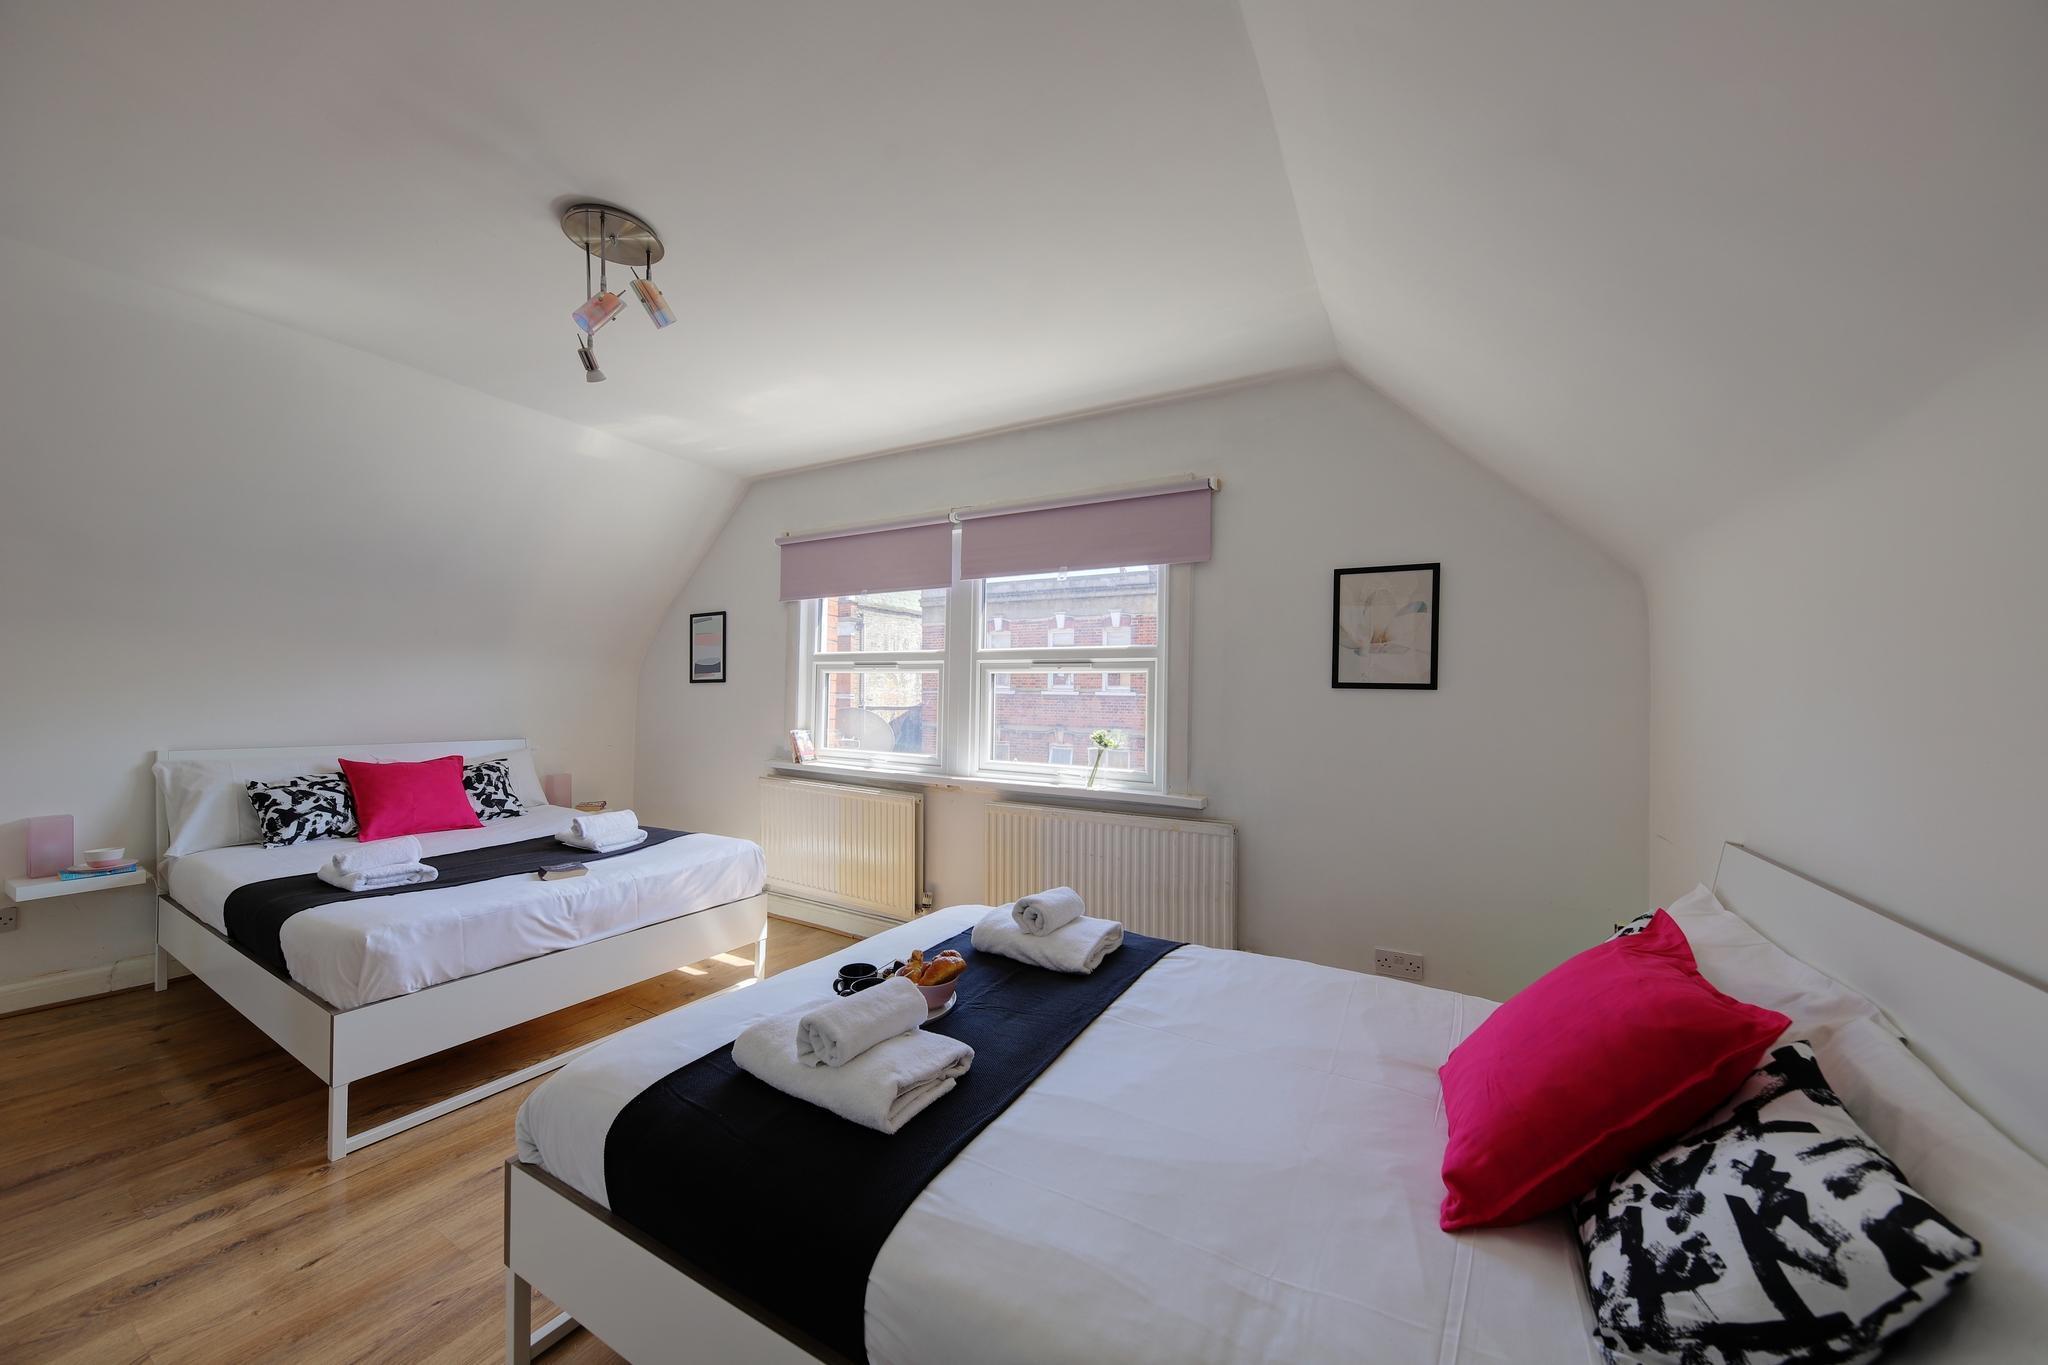 1 Bedroom Apt In London 30.1B